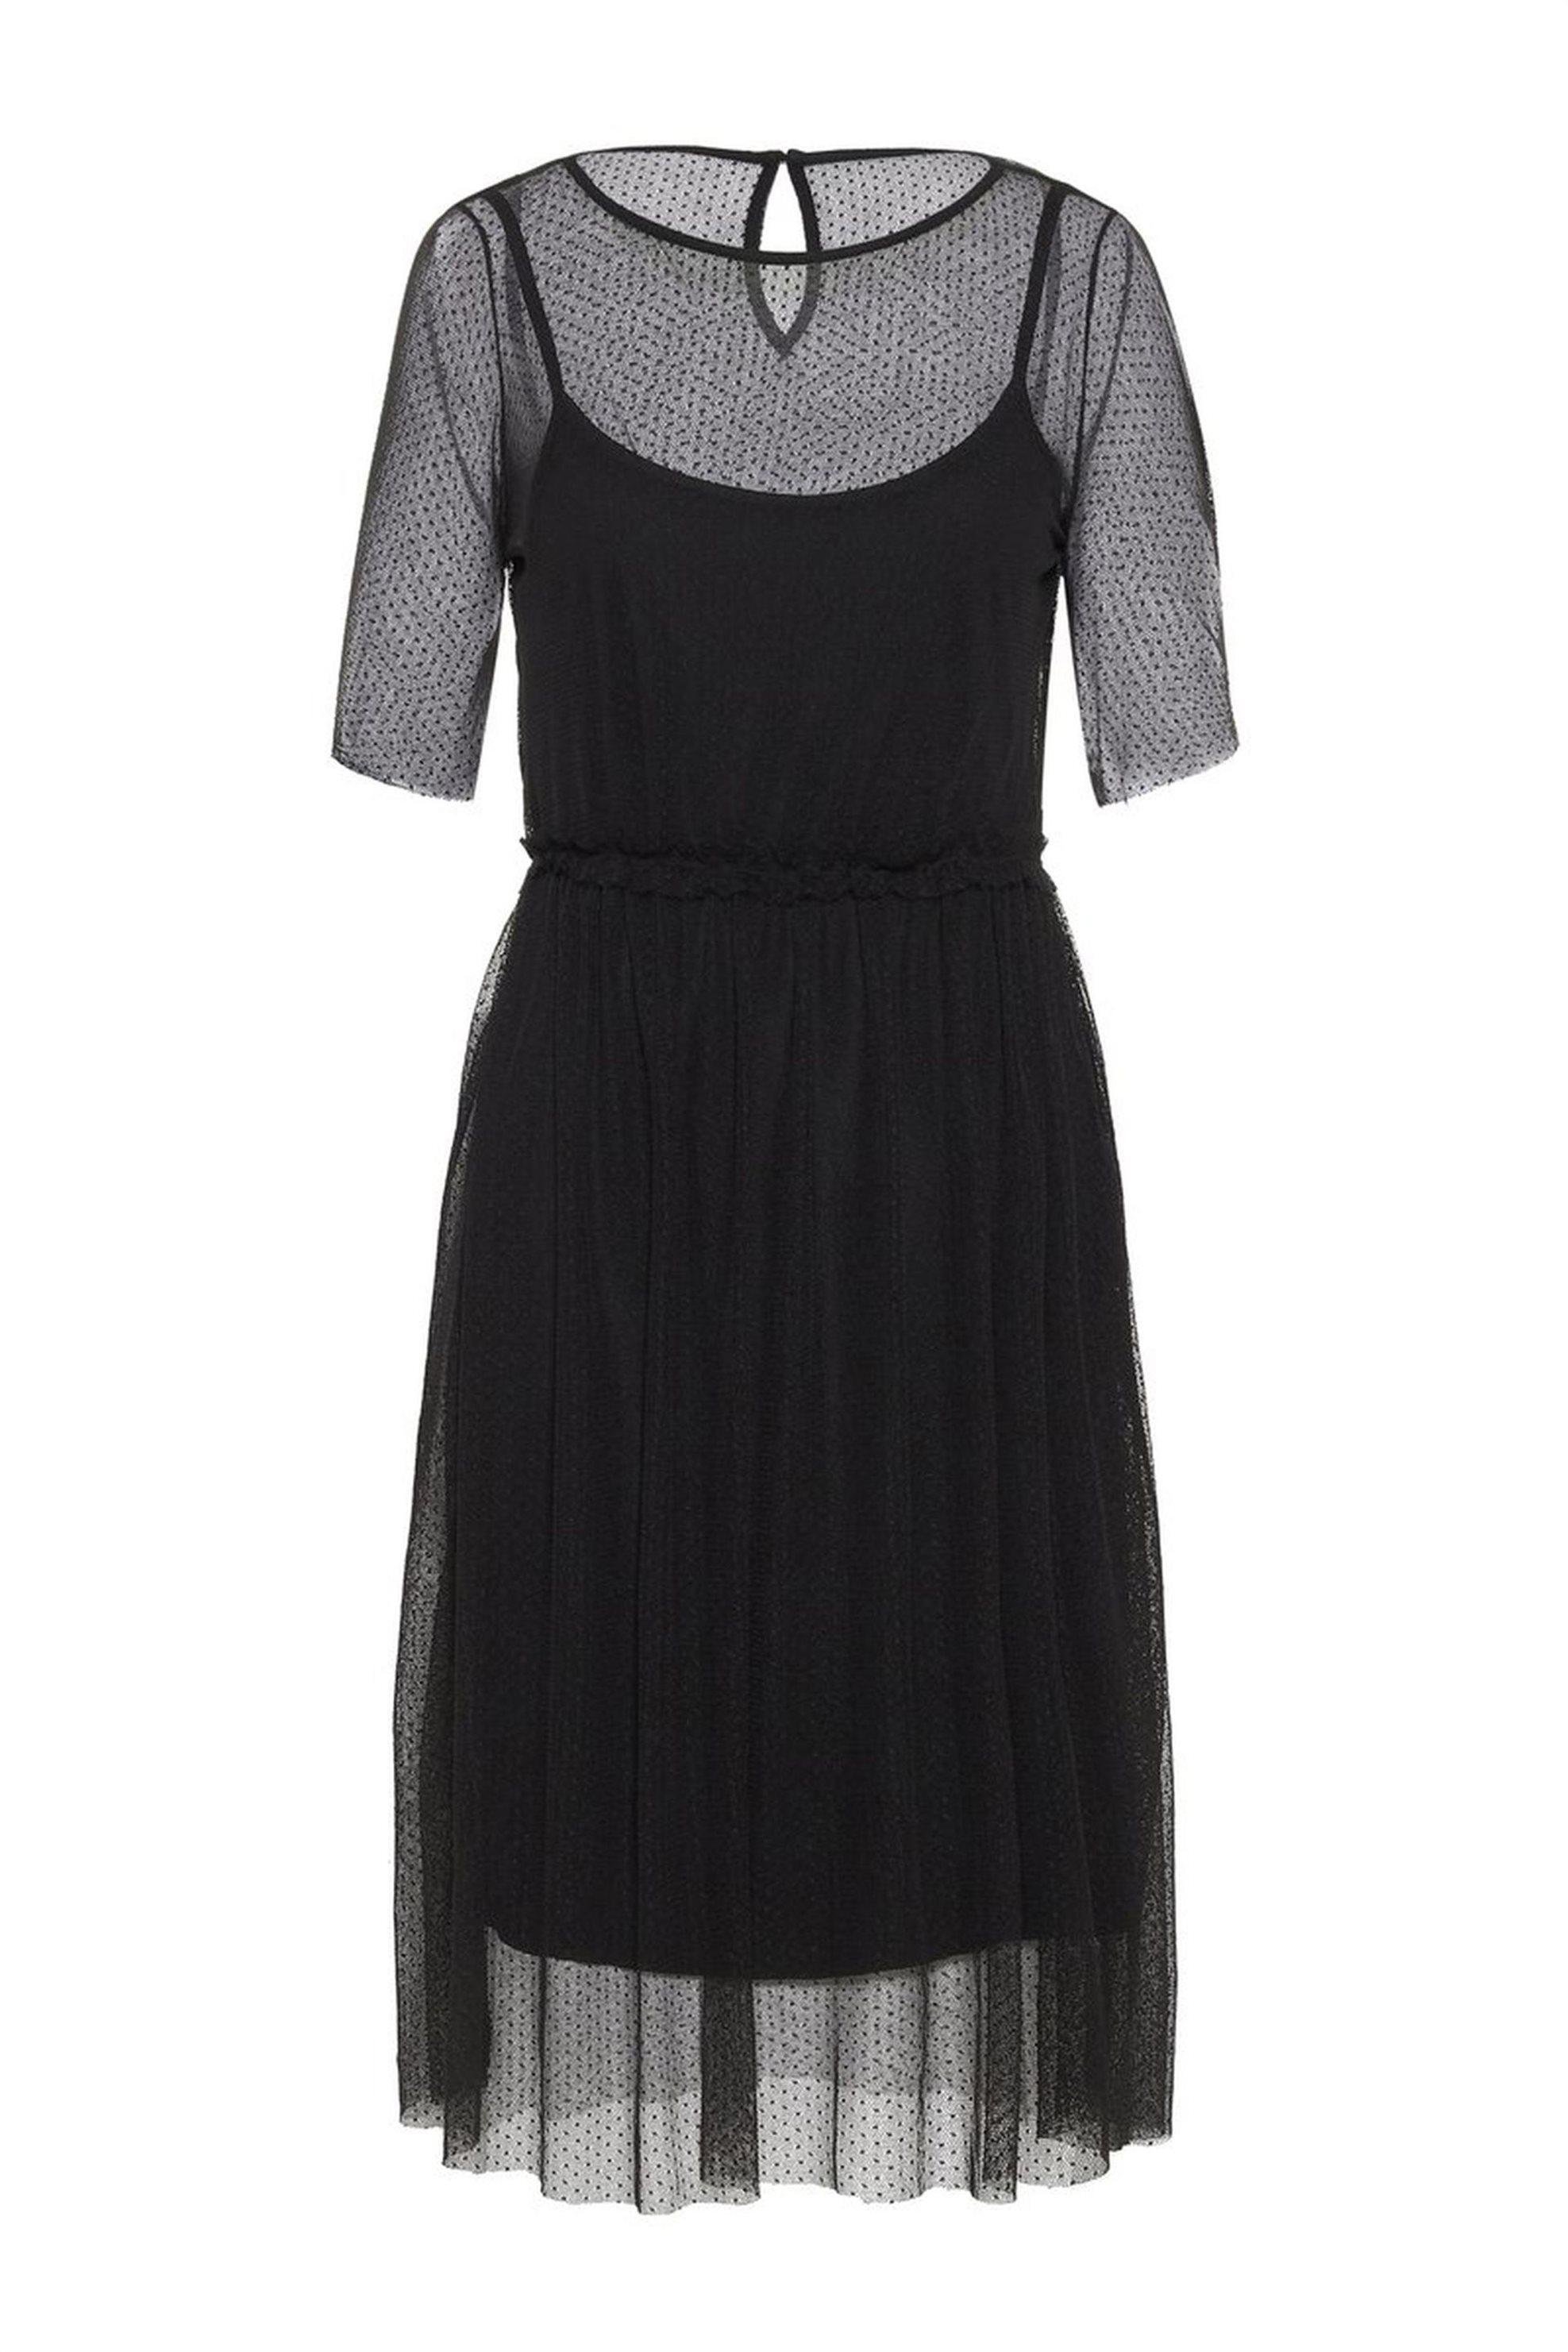 VERO MODA γυναικείο φόρεμα με πουά διαφάνεια - 10213634 - Μαύρο γυναικα   ρουχα   φορέματα   midi φορέματα